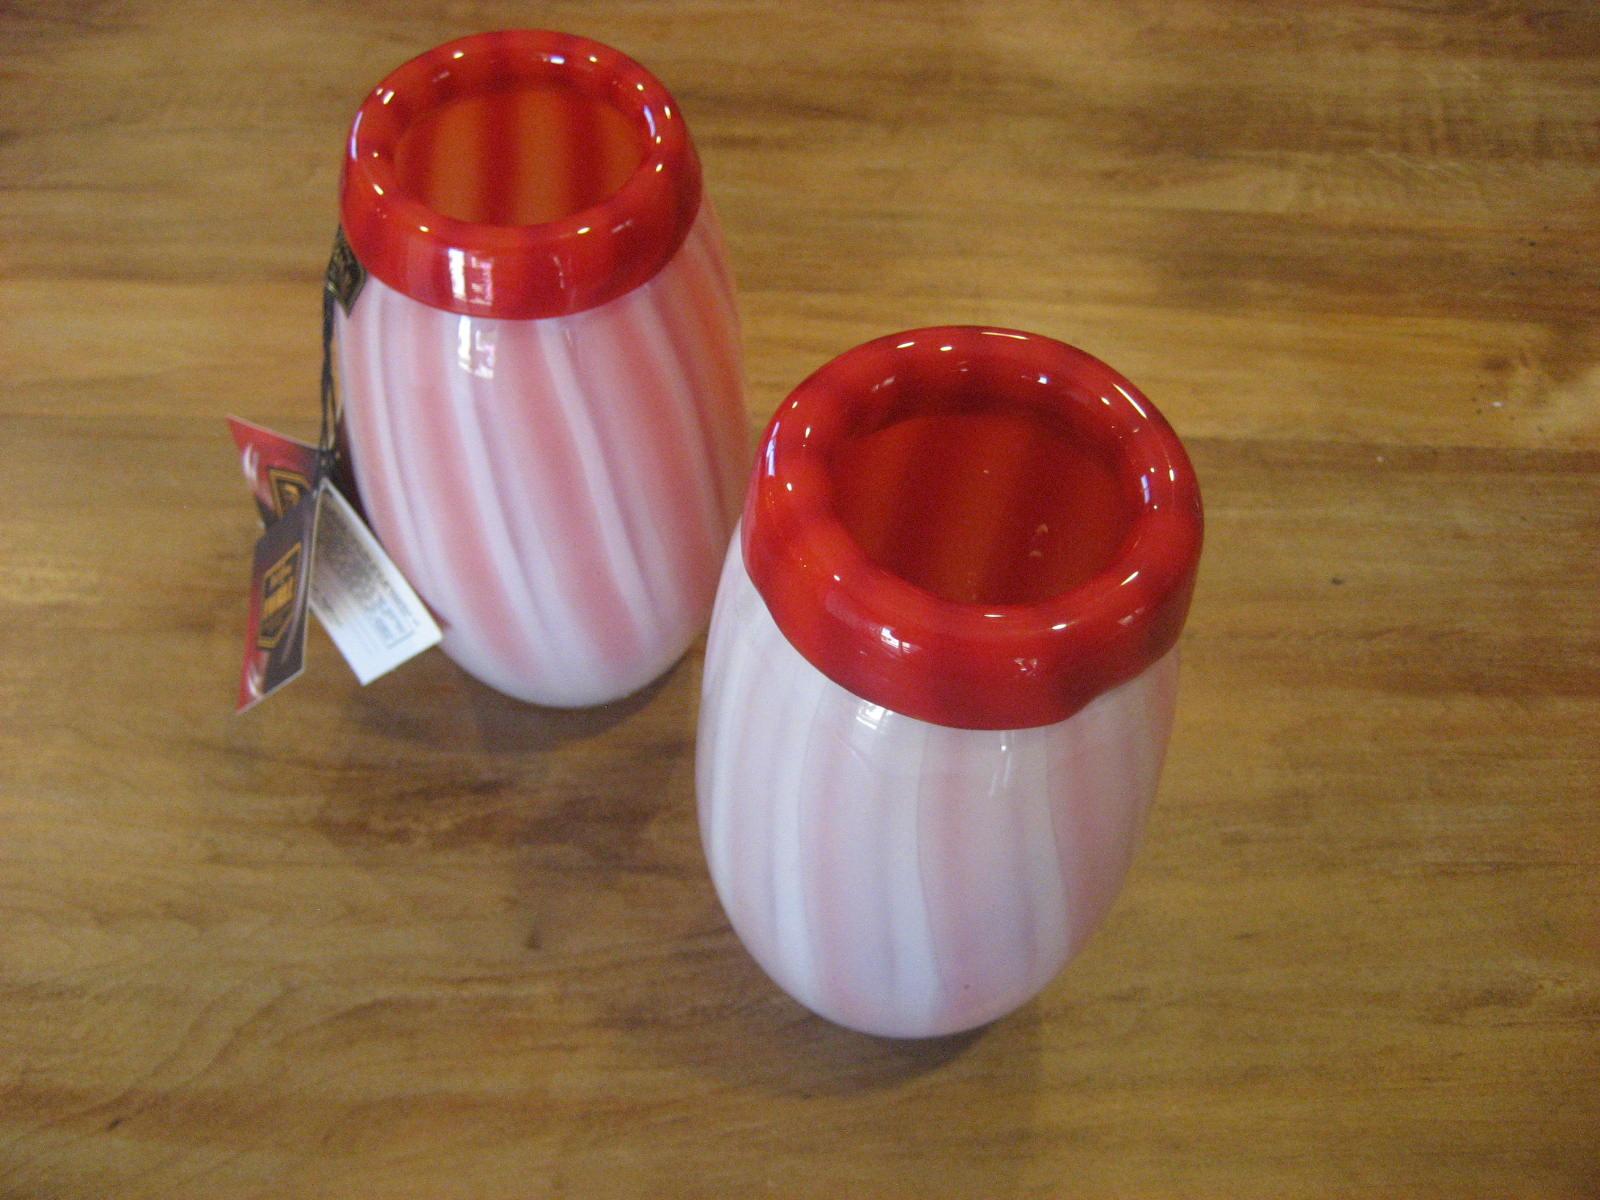 vintage orange vase | eBay - Electronics, Cars, Fashion